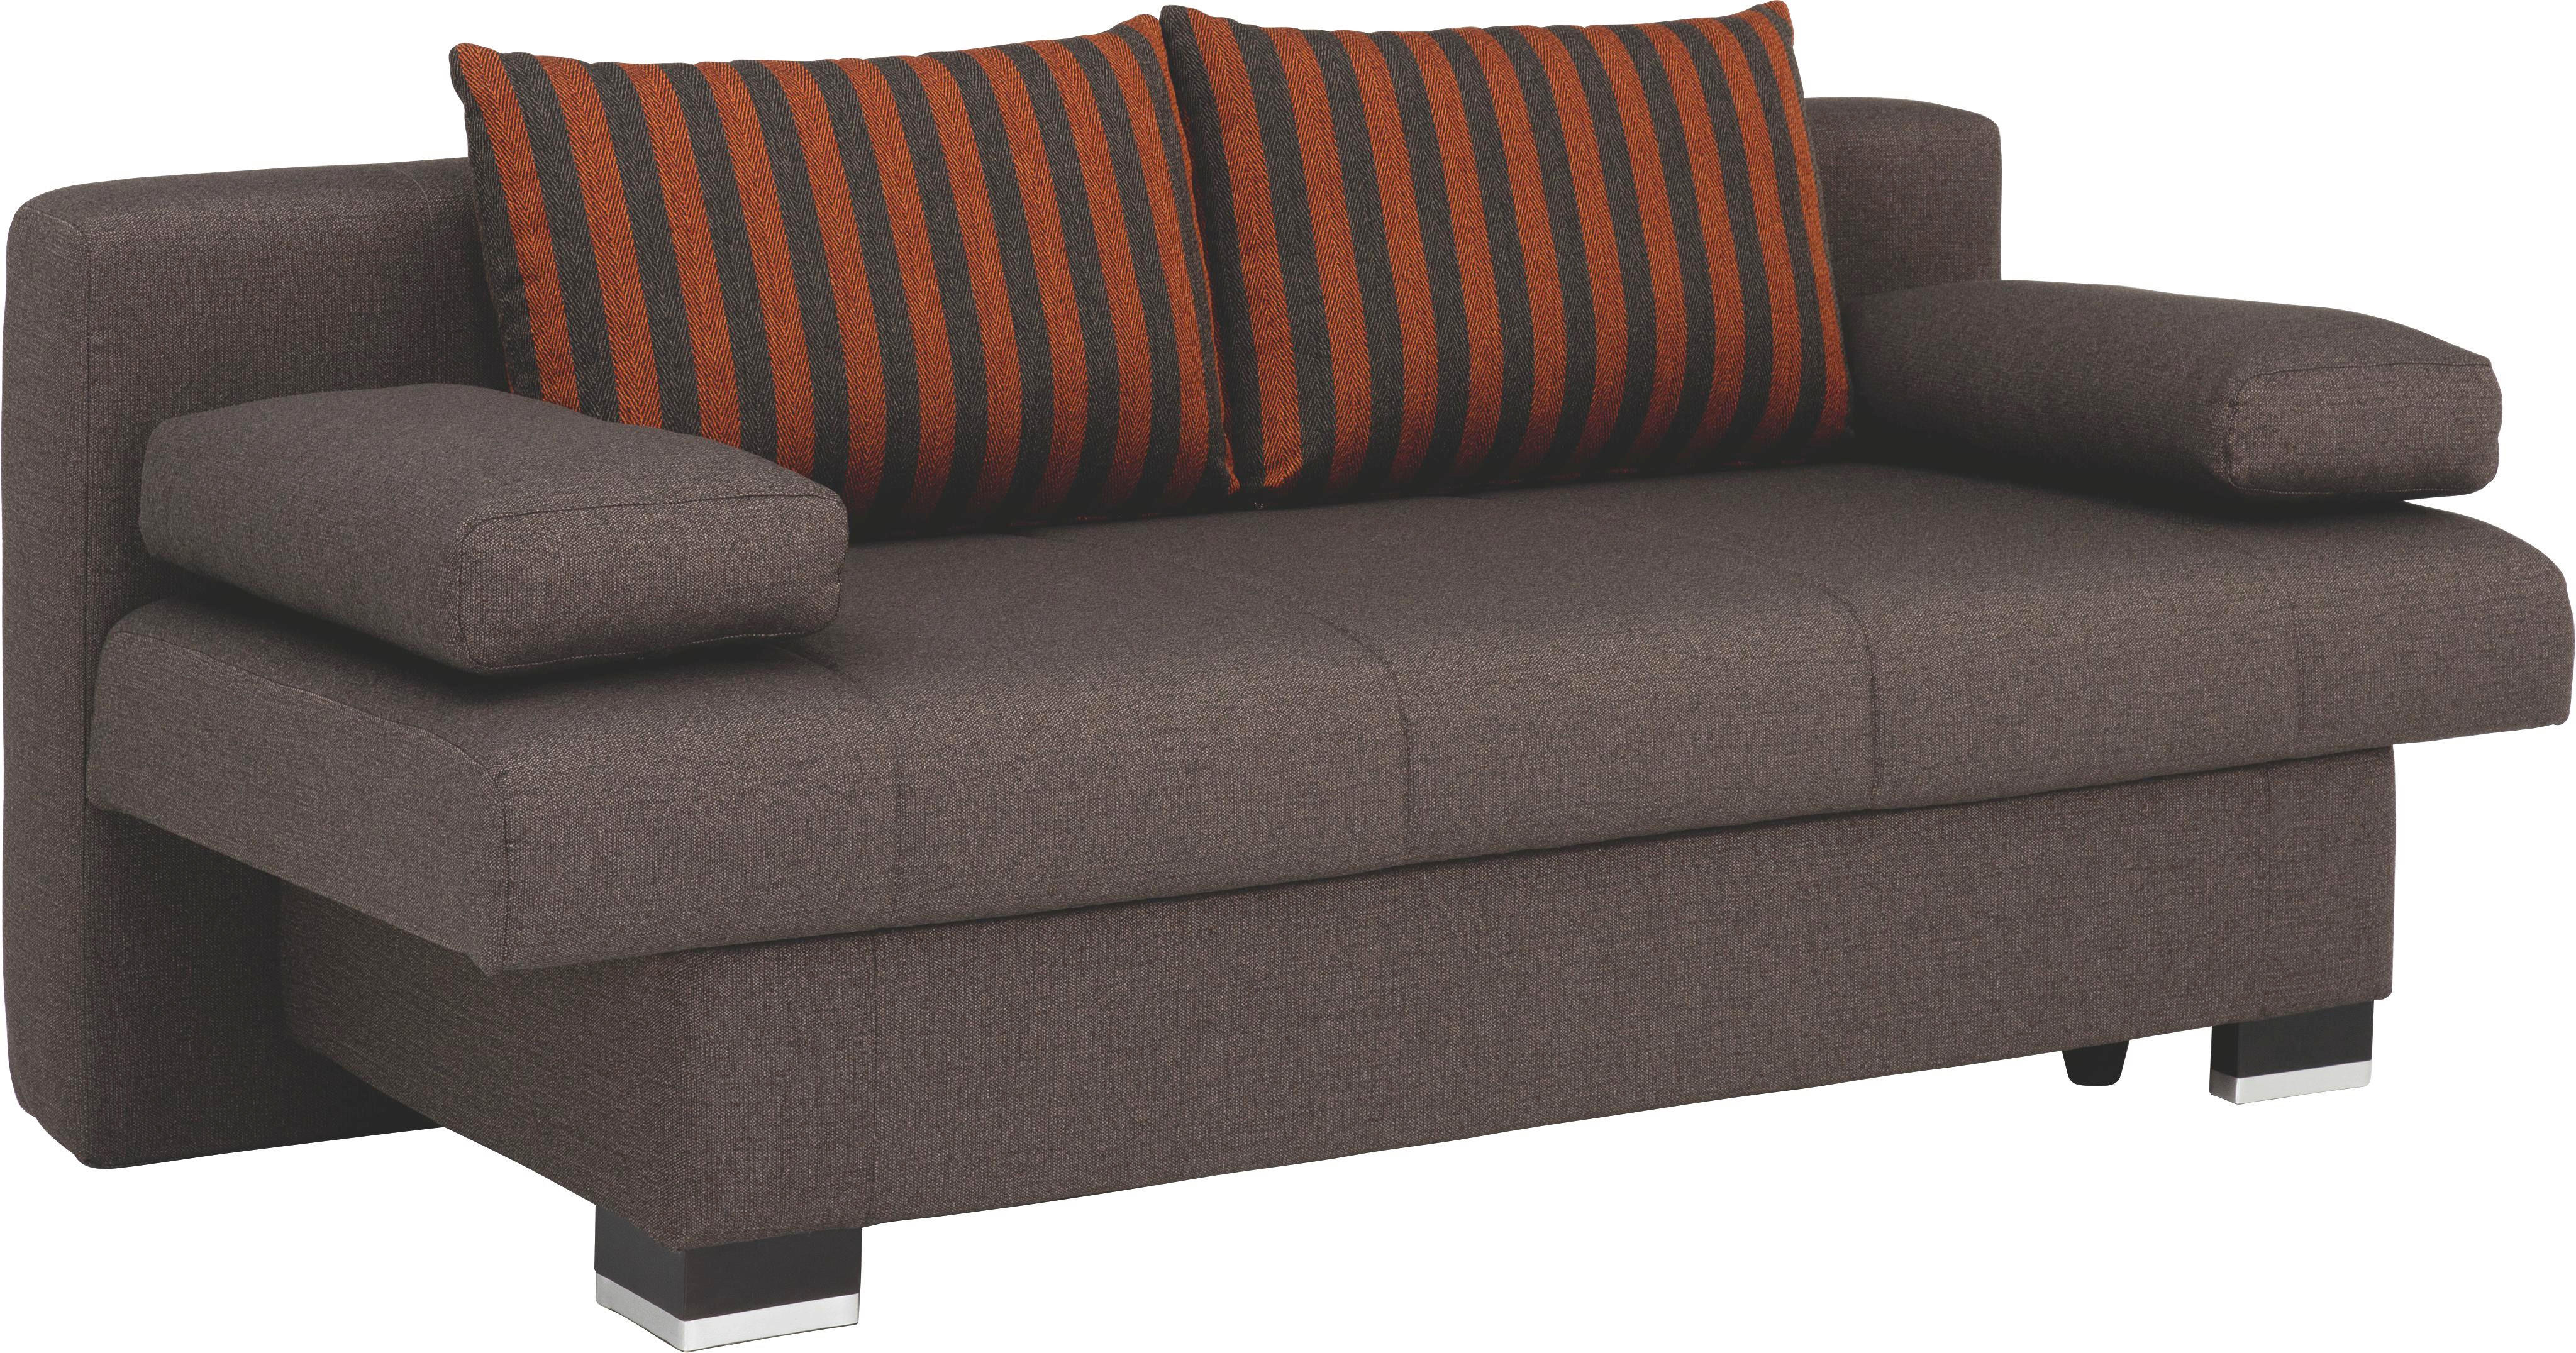 SCHLAFSOFA Braun, Orange, Schwarz - Wengefarben/Schwarz, KONVENTIONELL, Holz/Textil (200/92/104cm) - NOVEL